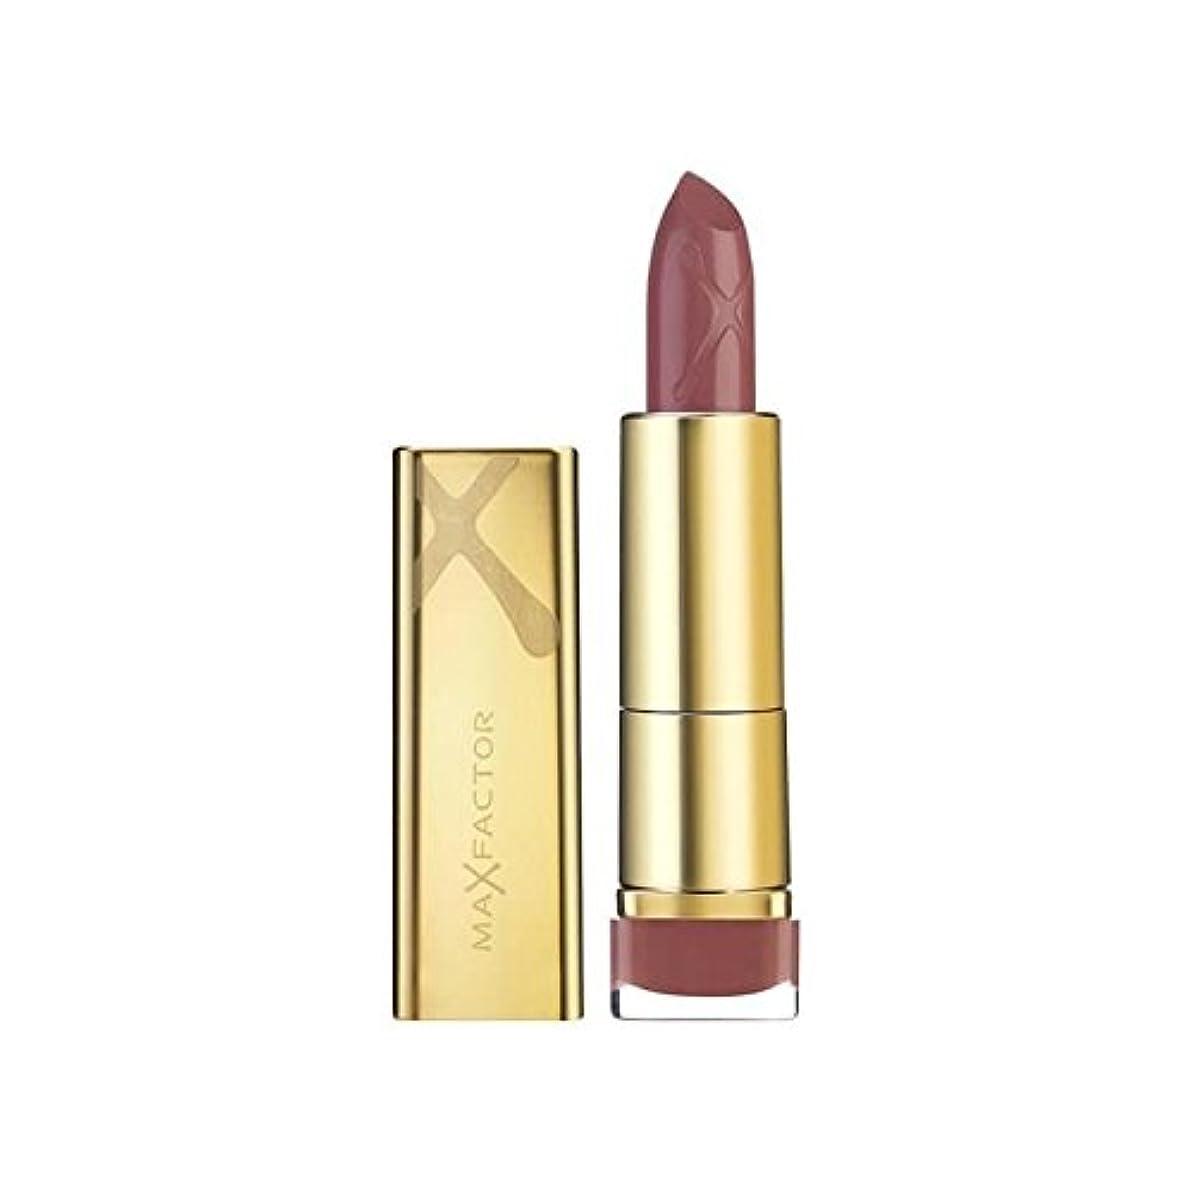 アコードひいきにする法律によりマックスファクターカラーエリクシルの口紅ローズウッド833 x2 - Max Factor Colour Elixir Lipstick Rosewood 833 (Pack of 2) [並行輸入品]